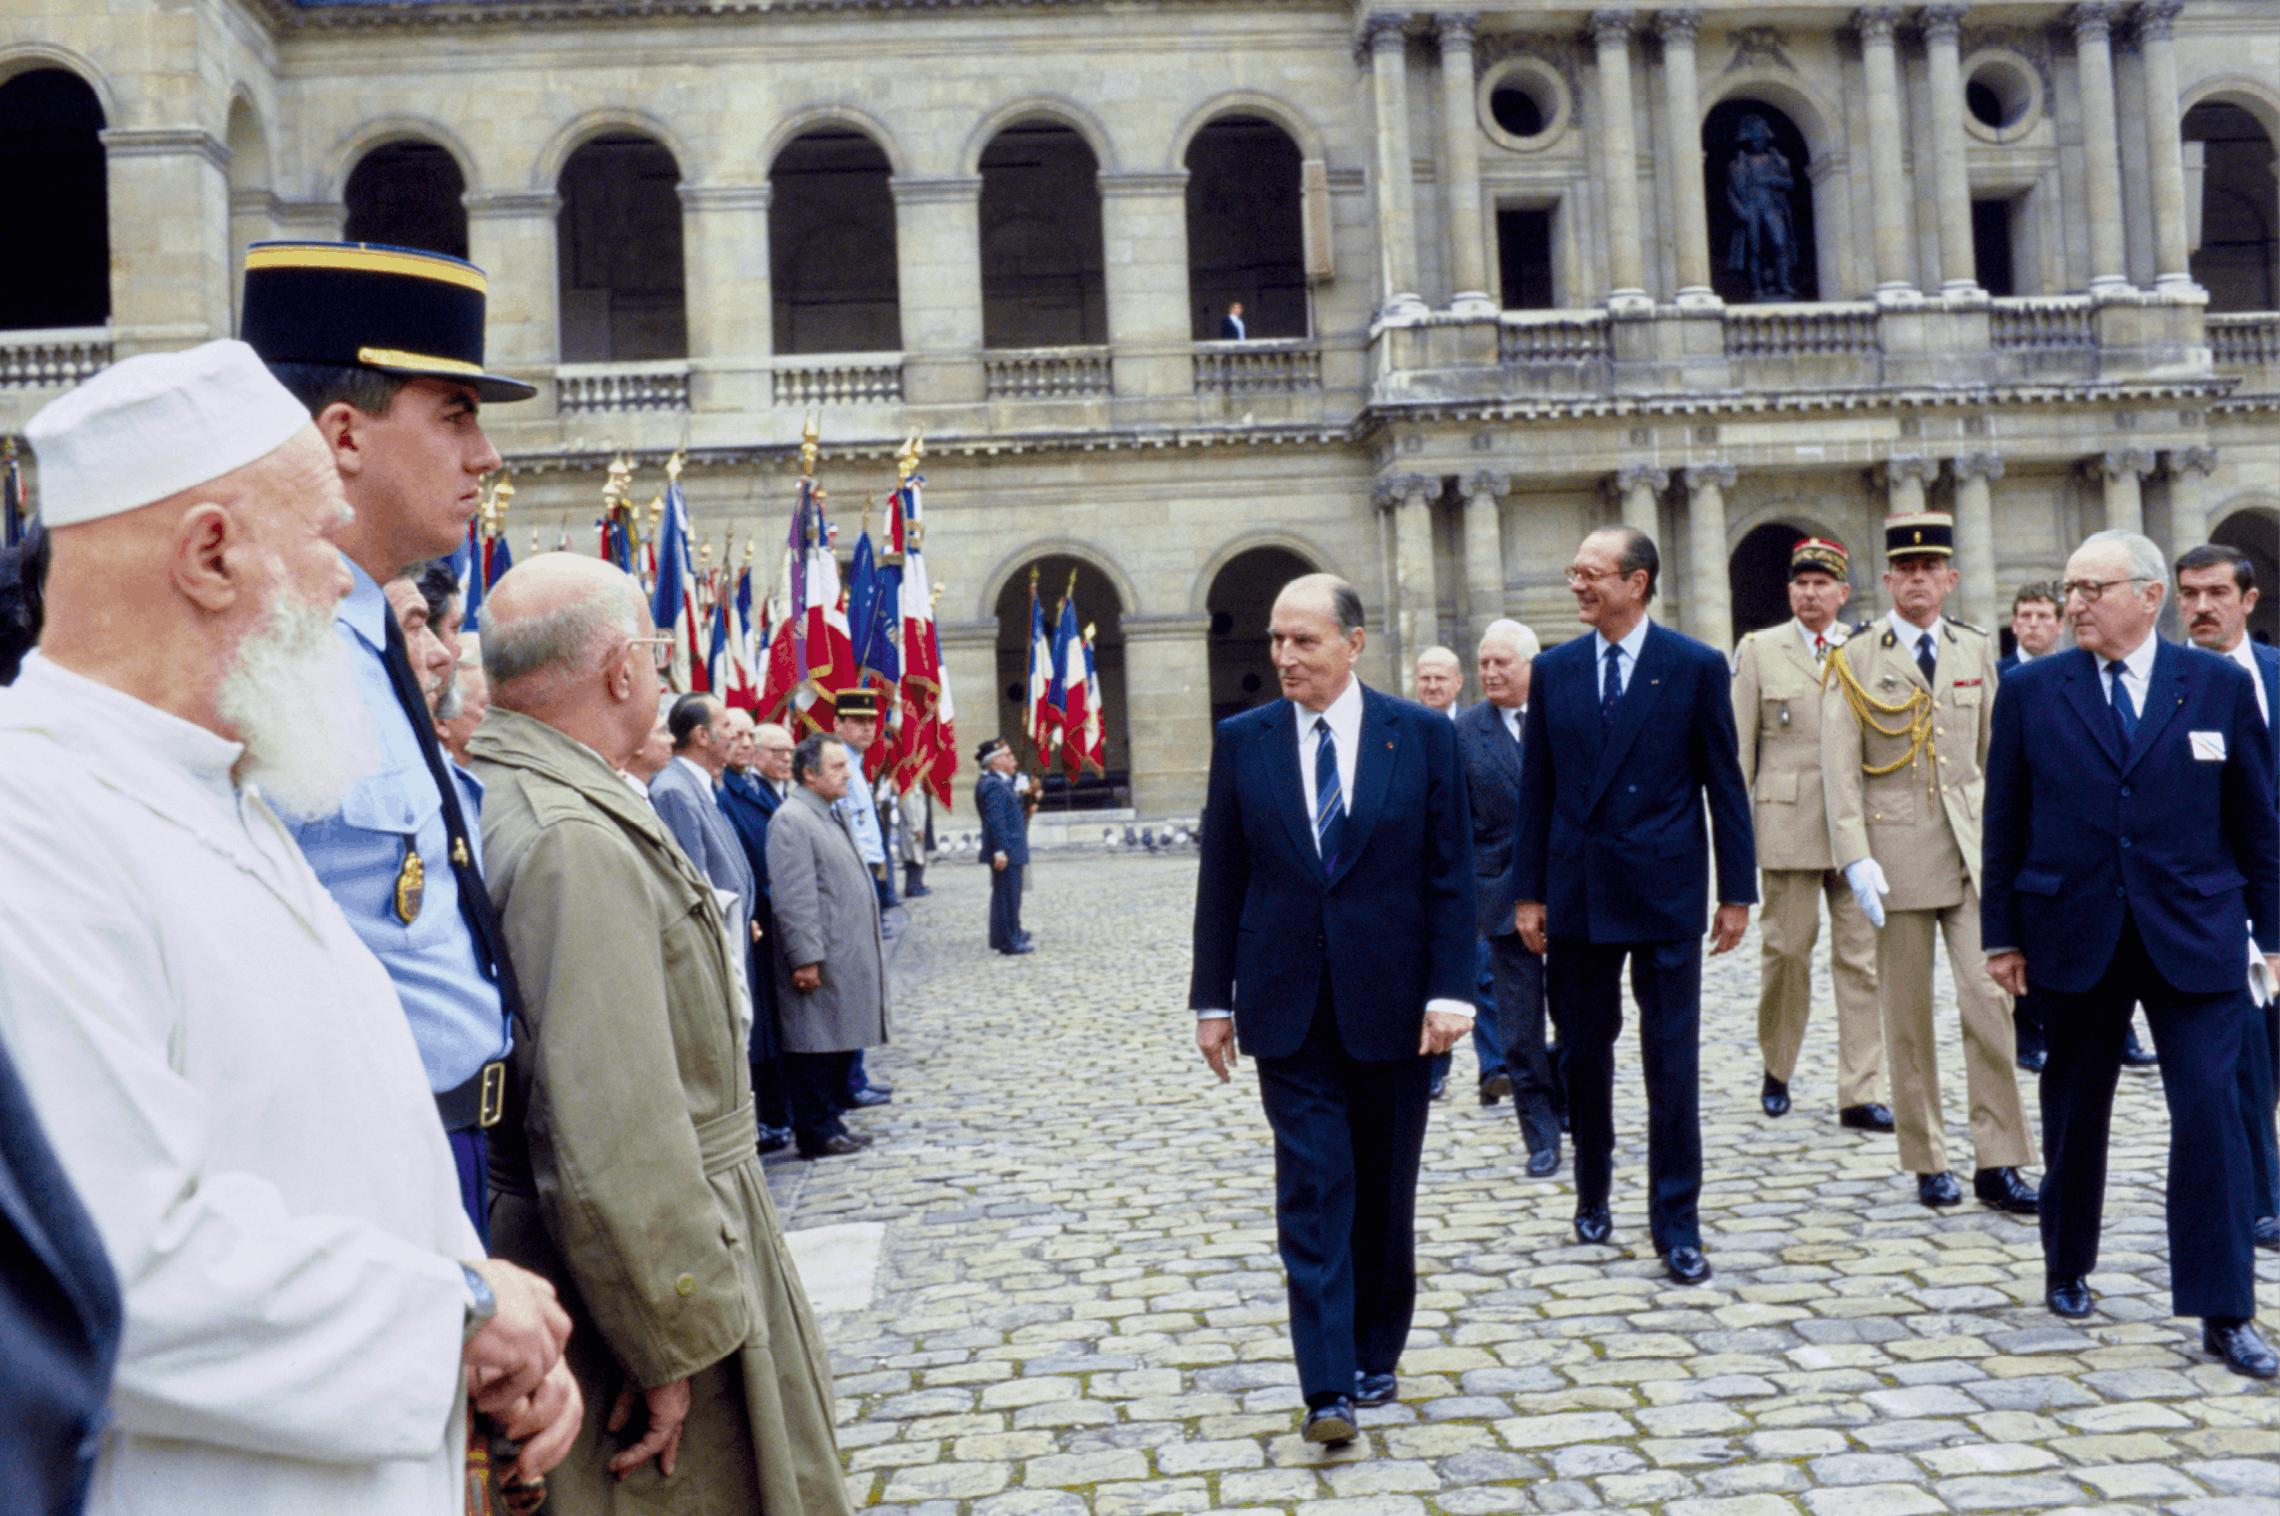 Cérémonie aux Invalides en présence de François Mitterrand et Jacques Chirac